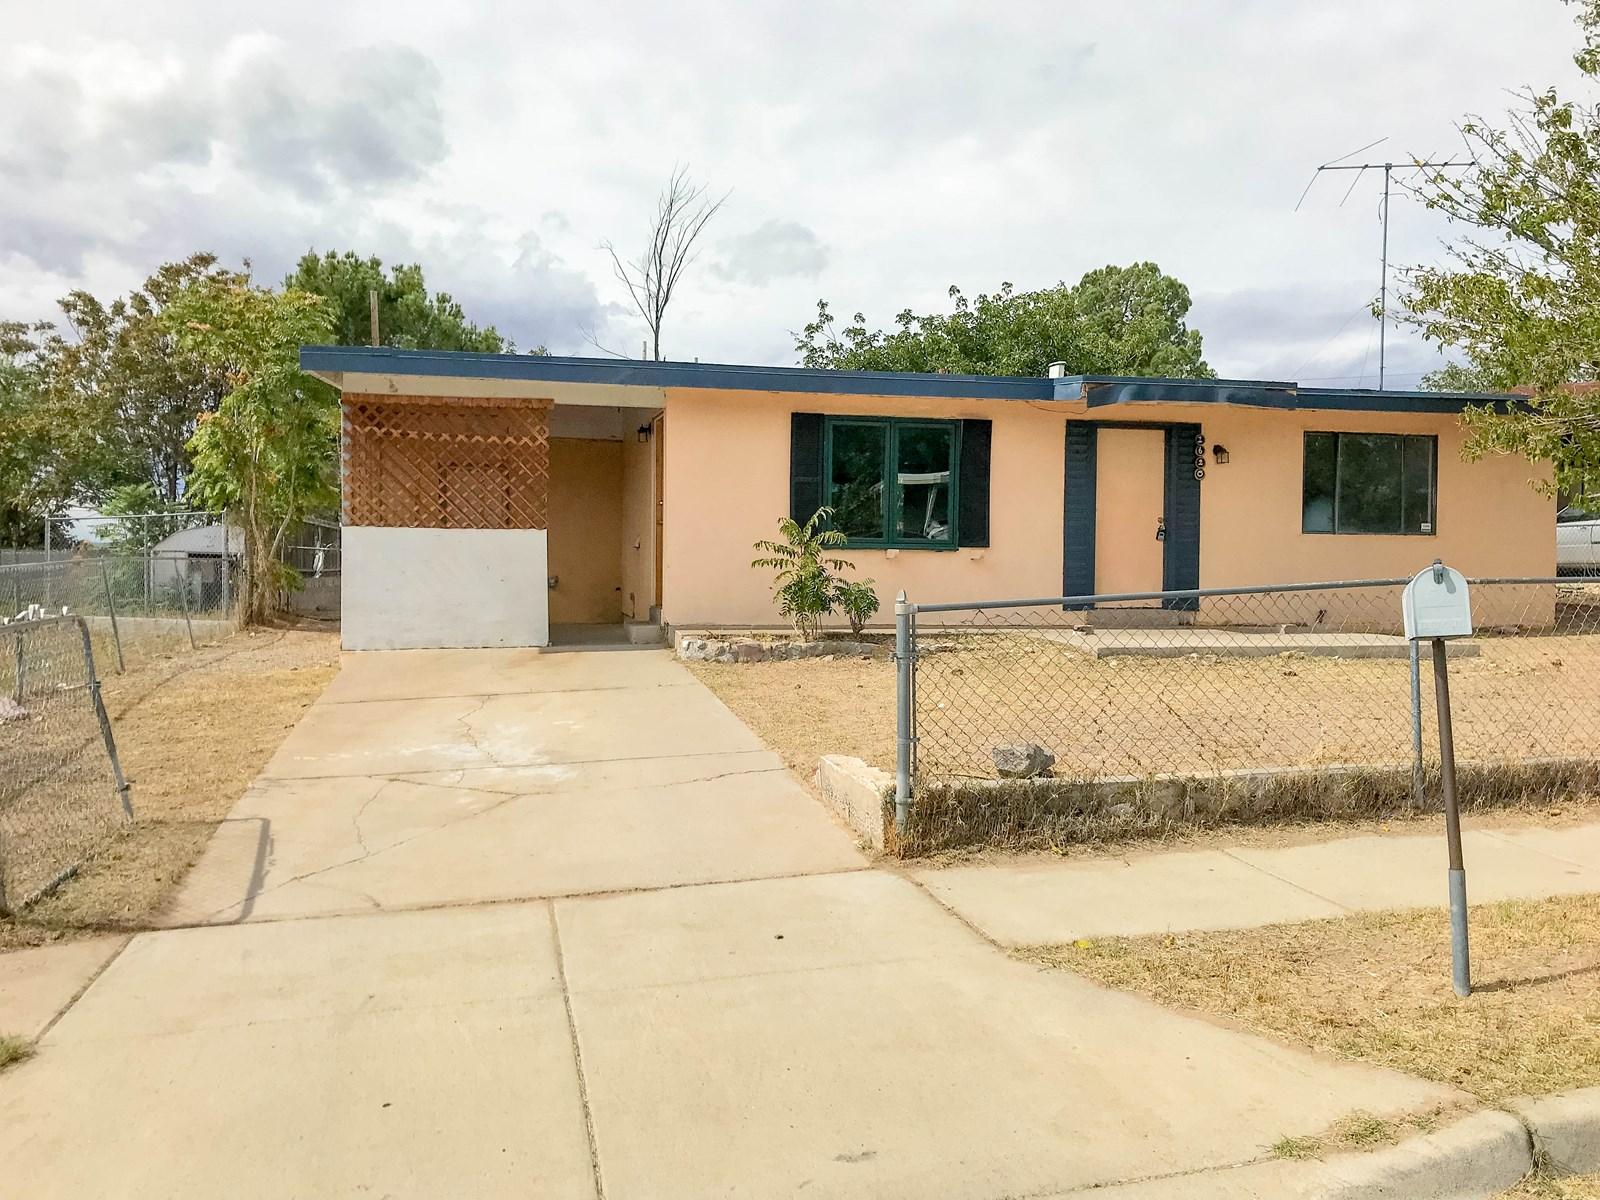 Home in Las Cruces NM, Fixer Upper  in NM